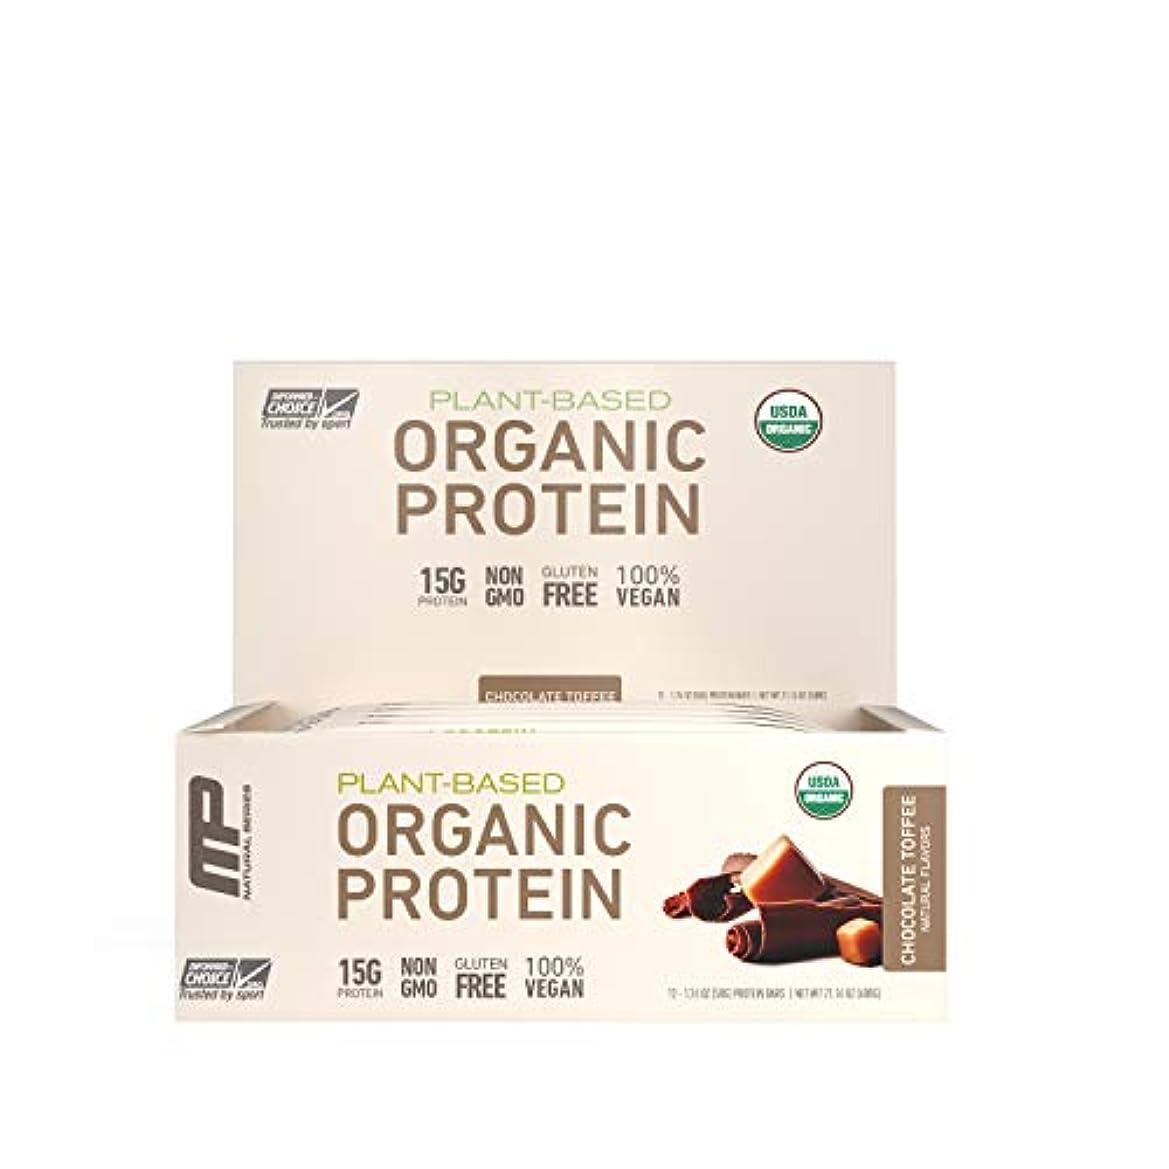 小さな大腿科学MusclePharm Natural オーガニック?プロテインバー(チョコレート?トフィー12本) (600 g) 海外直送品